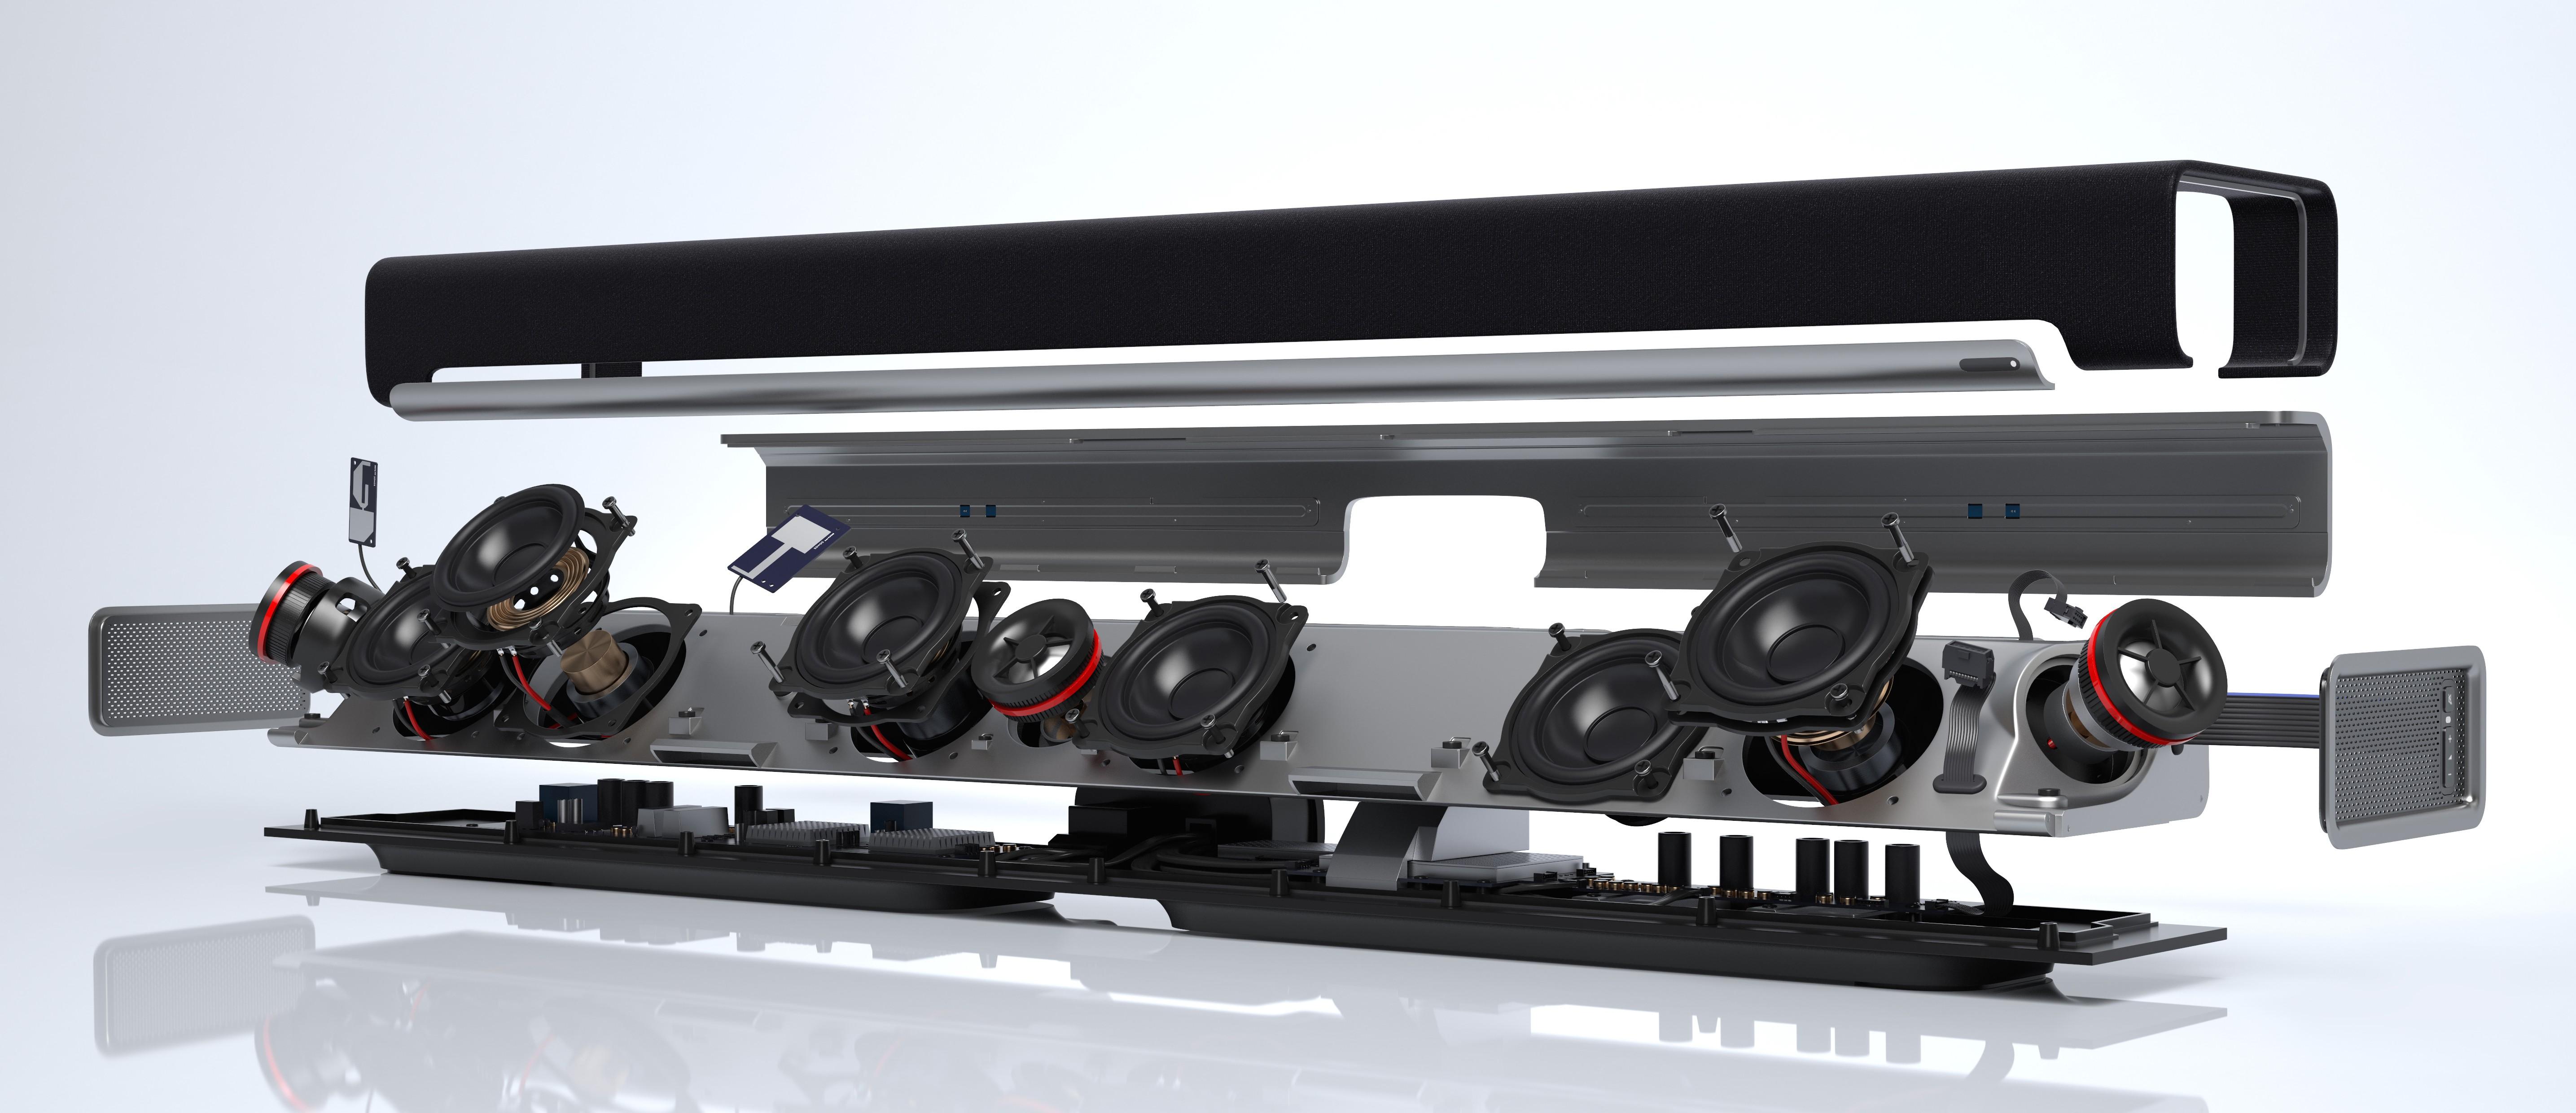 Sonos Playbar   test, prix et fiche technique - Multiroom - Les ... 09f24783cc7b